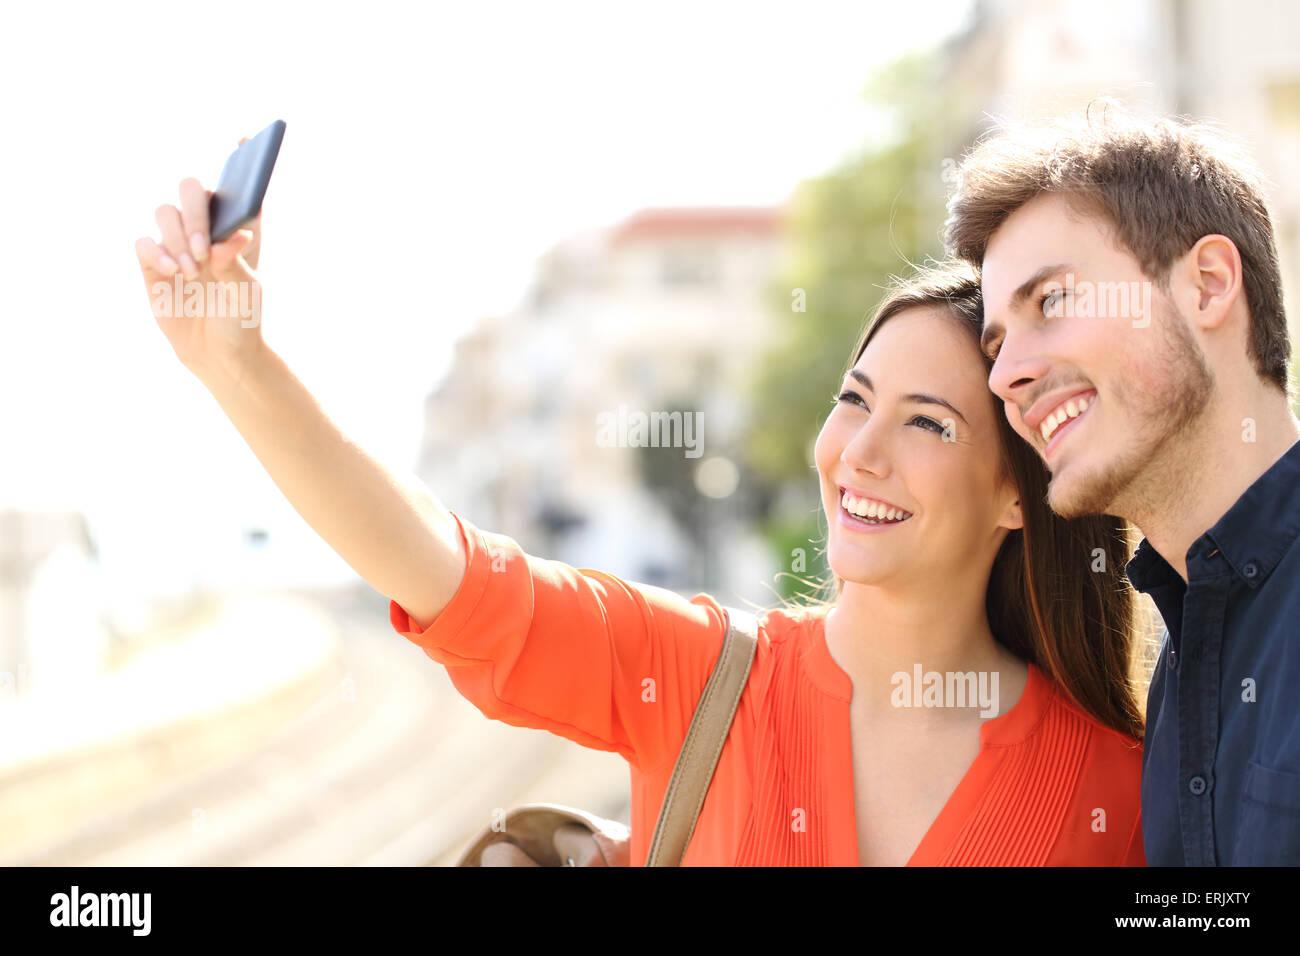 Viajero selfie fotografiando una pareja de turistas en una estación de tren Imagen De Stock